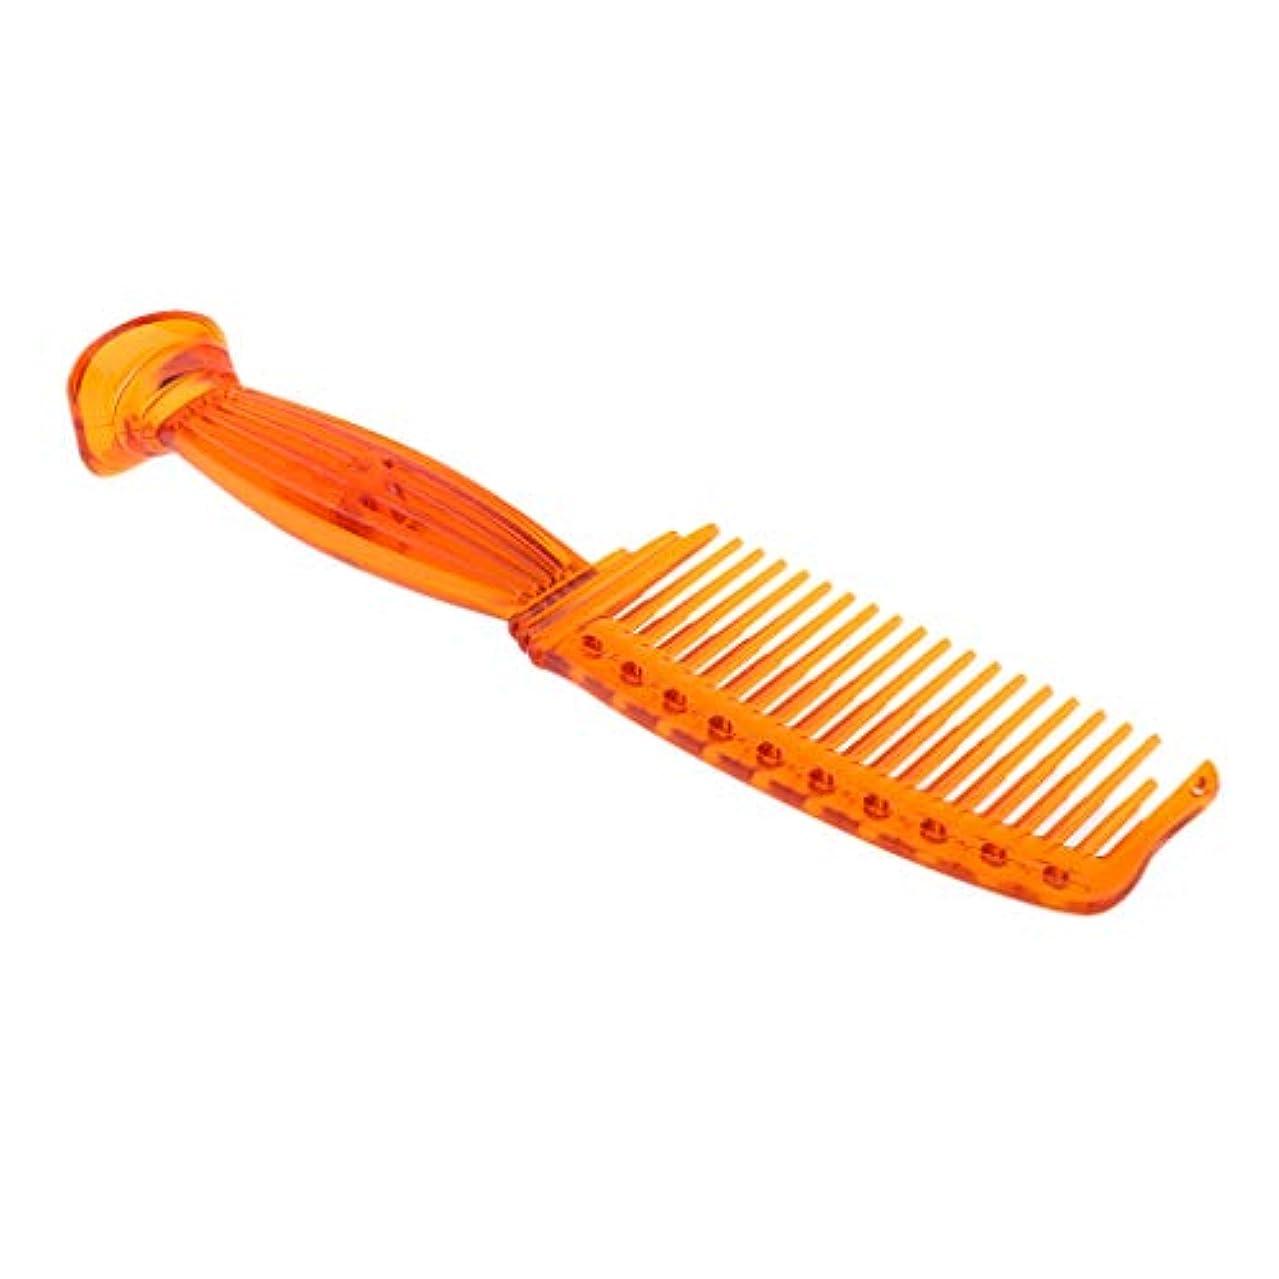 発音当社バラバラにするヘアコーム ヘアブラシ ワイド歯 プラスチック プロ ヘアサロン 理髪師 全5色選べ - オレンジ